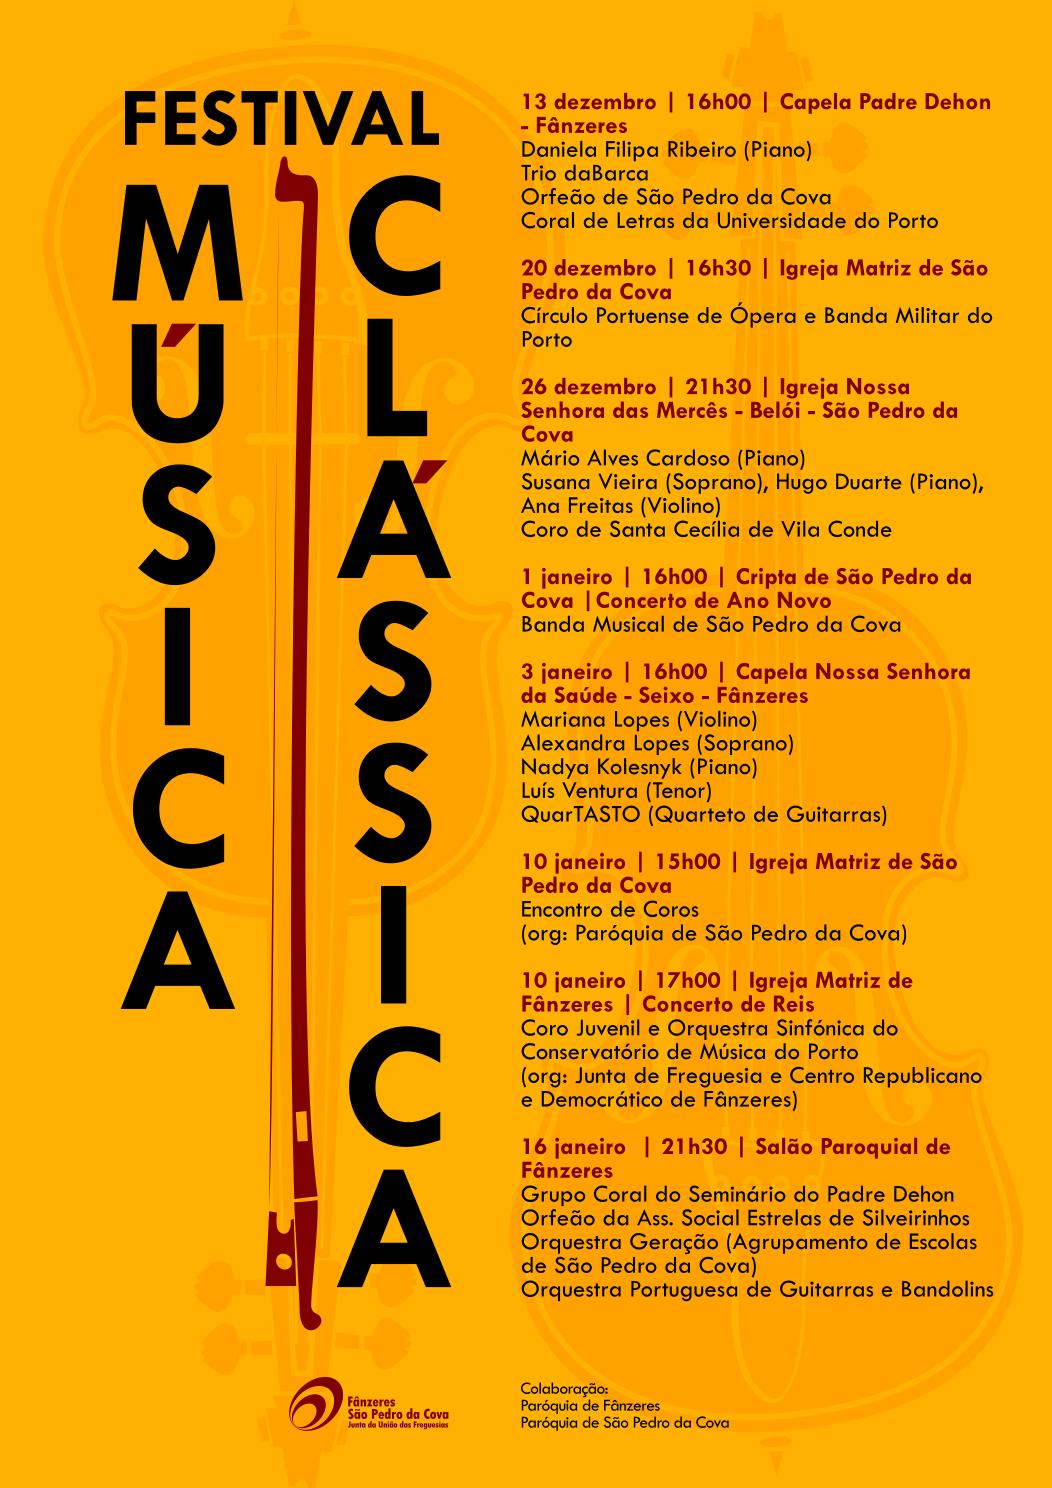 Cartaz I Festival Música Clássica